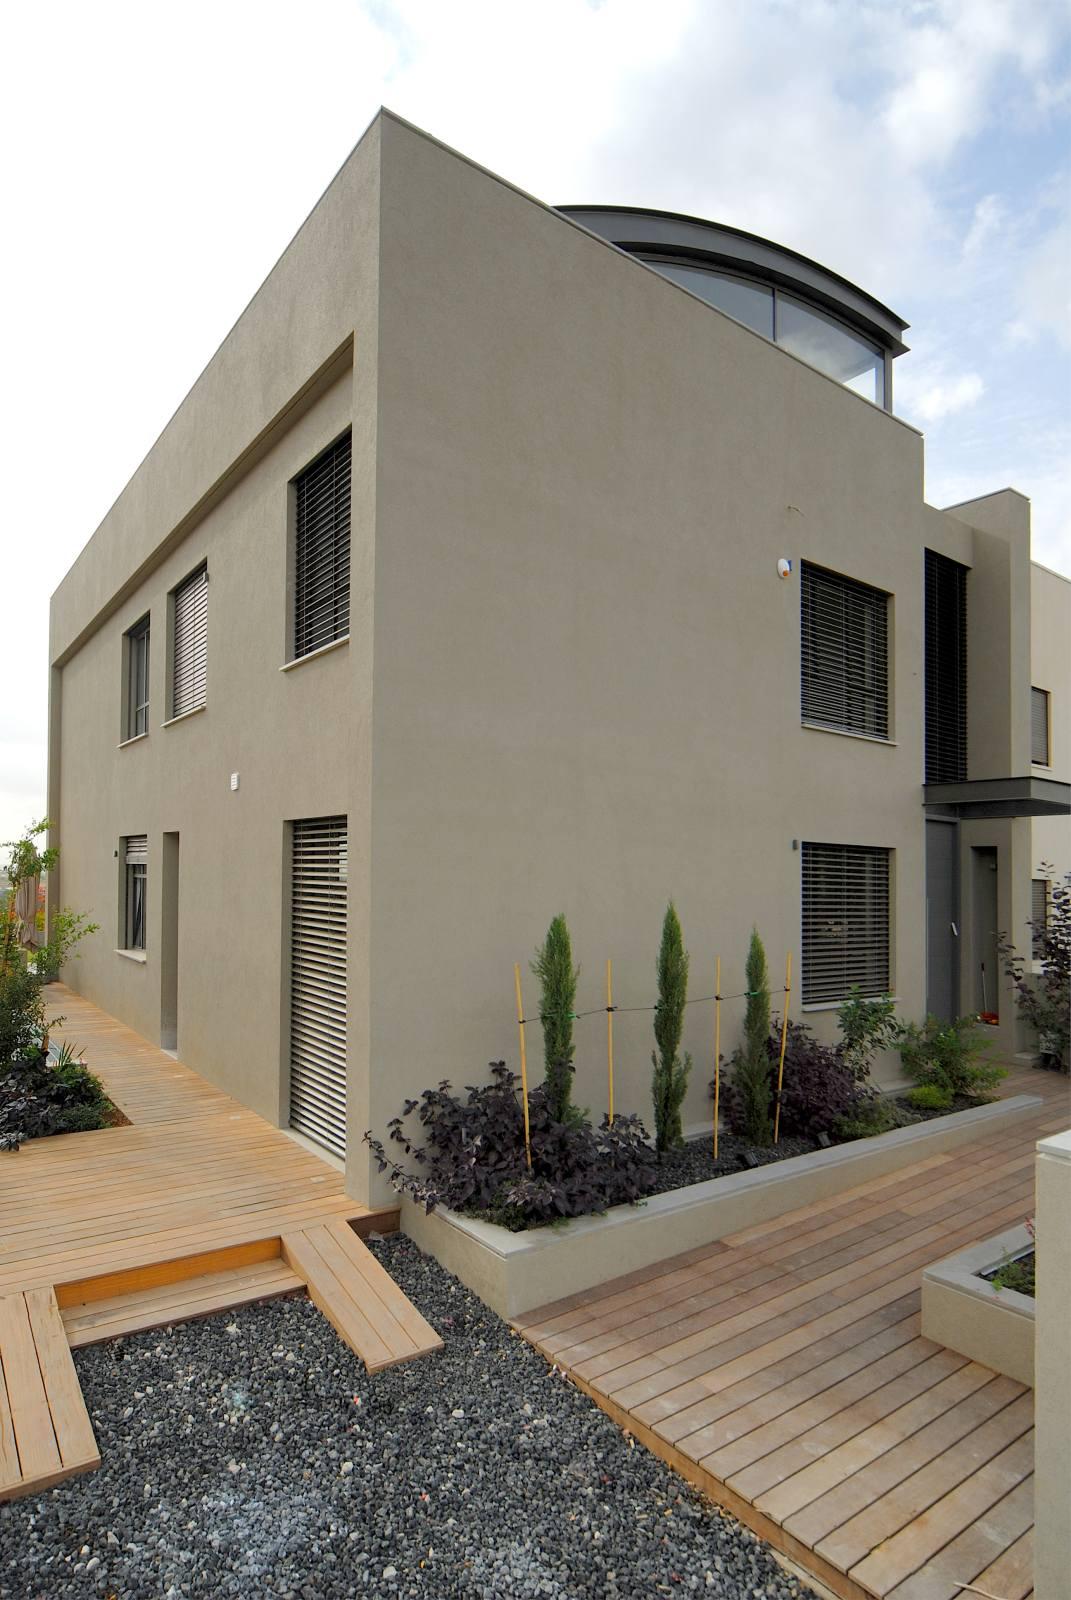 תכנון בתים בשוהם